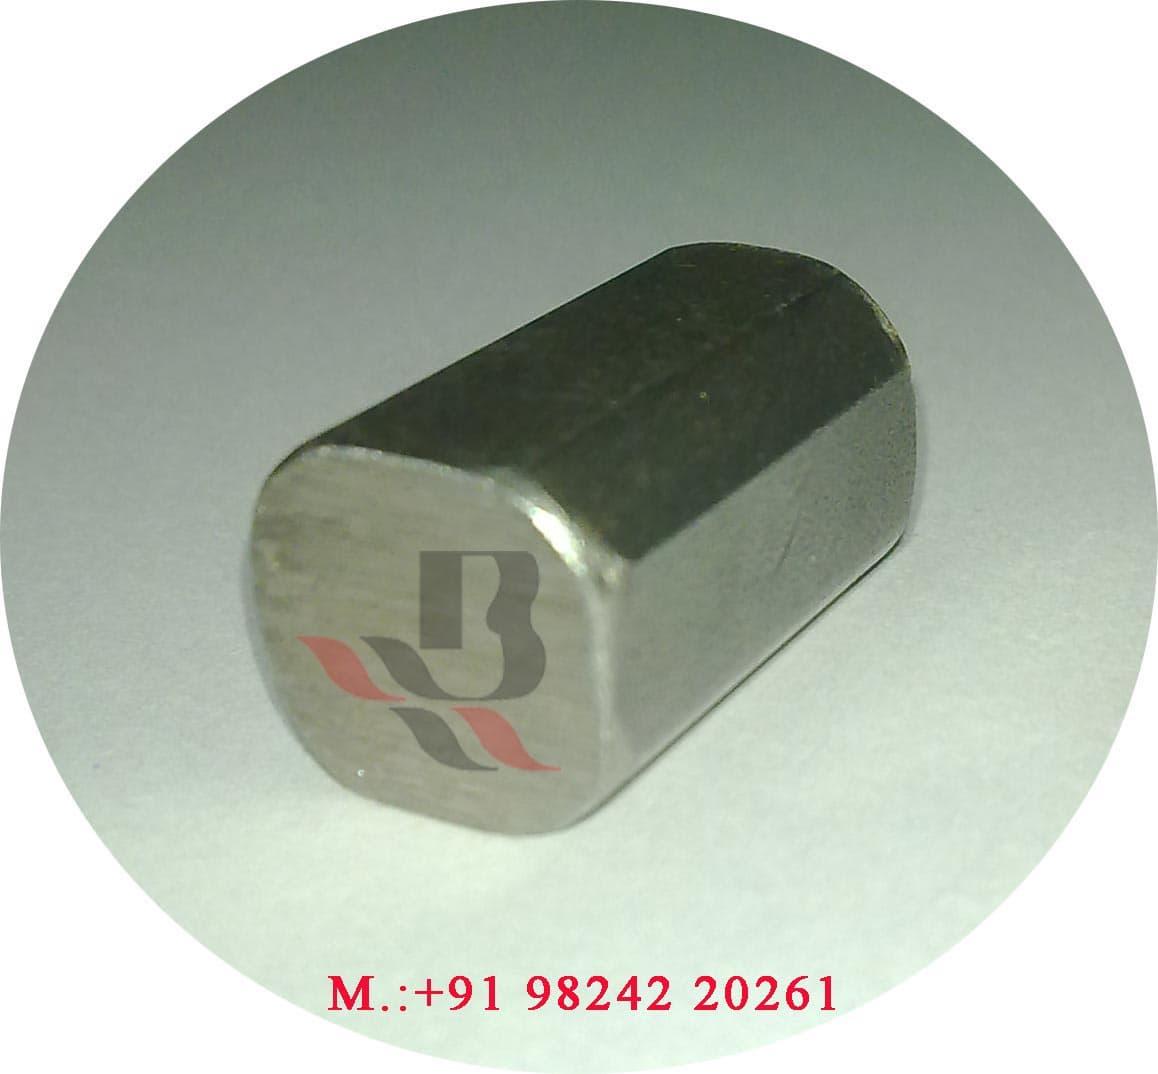 EPP26 R.jpg